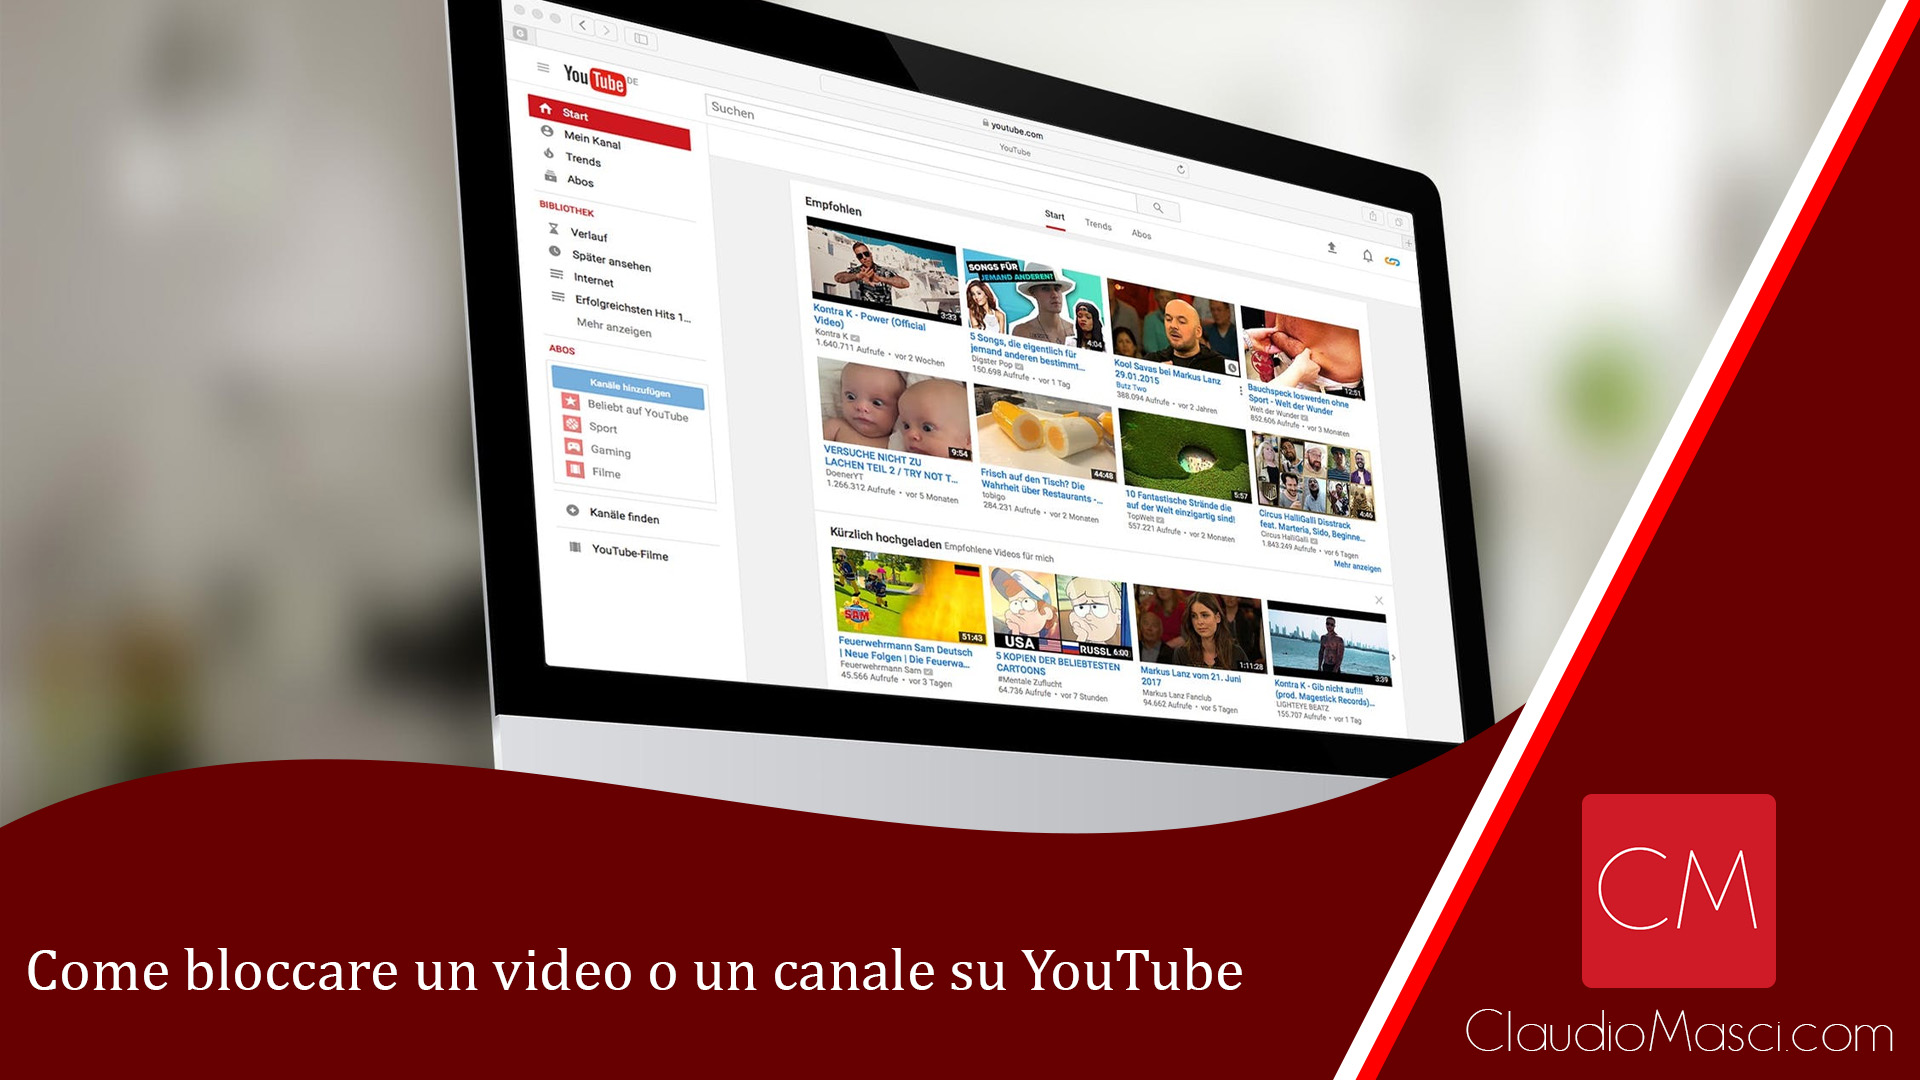 Come bloccare un video o un canale su YouTube